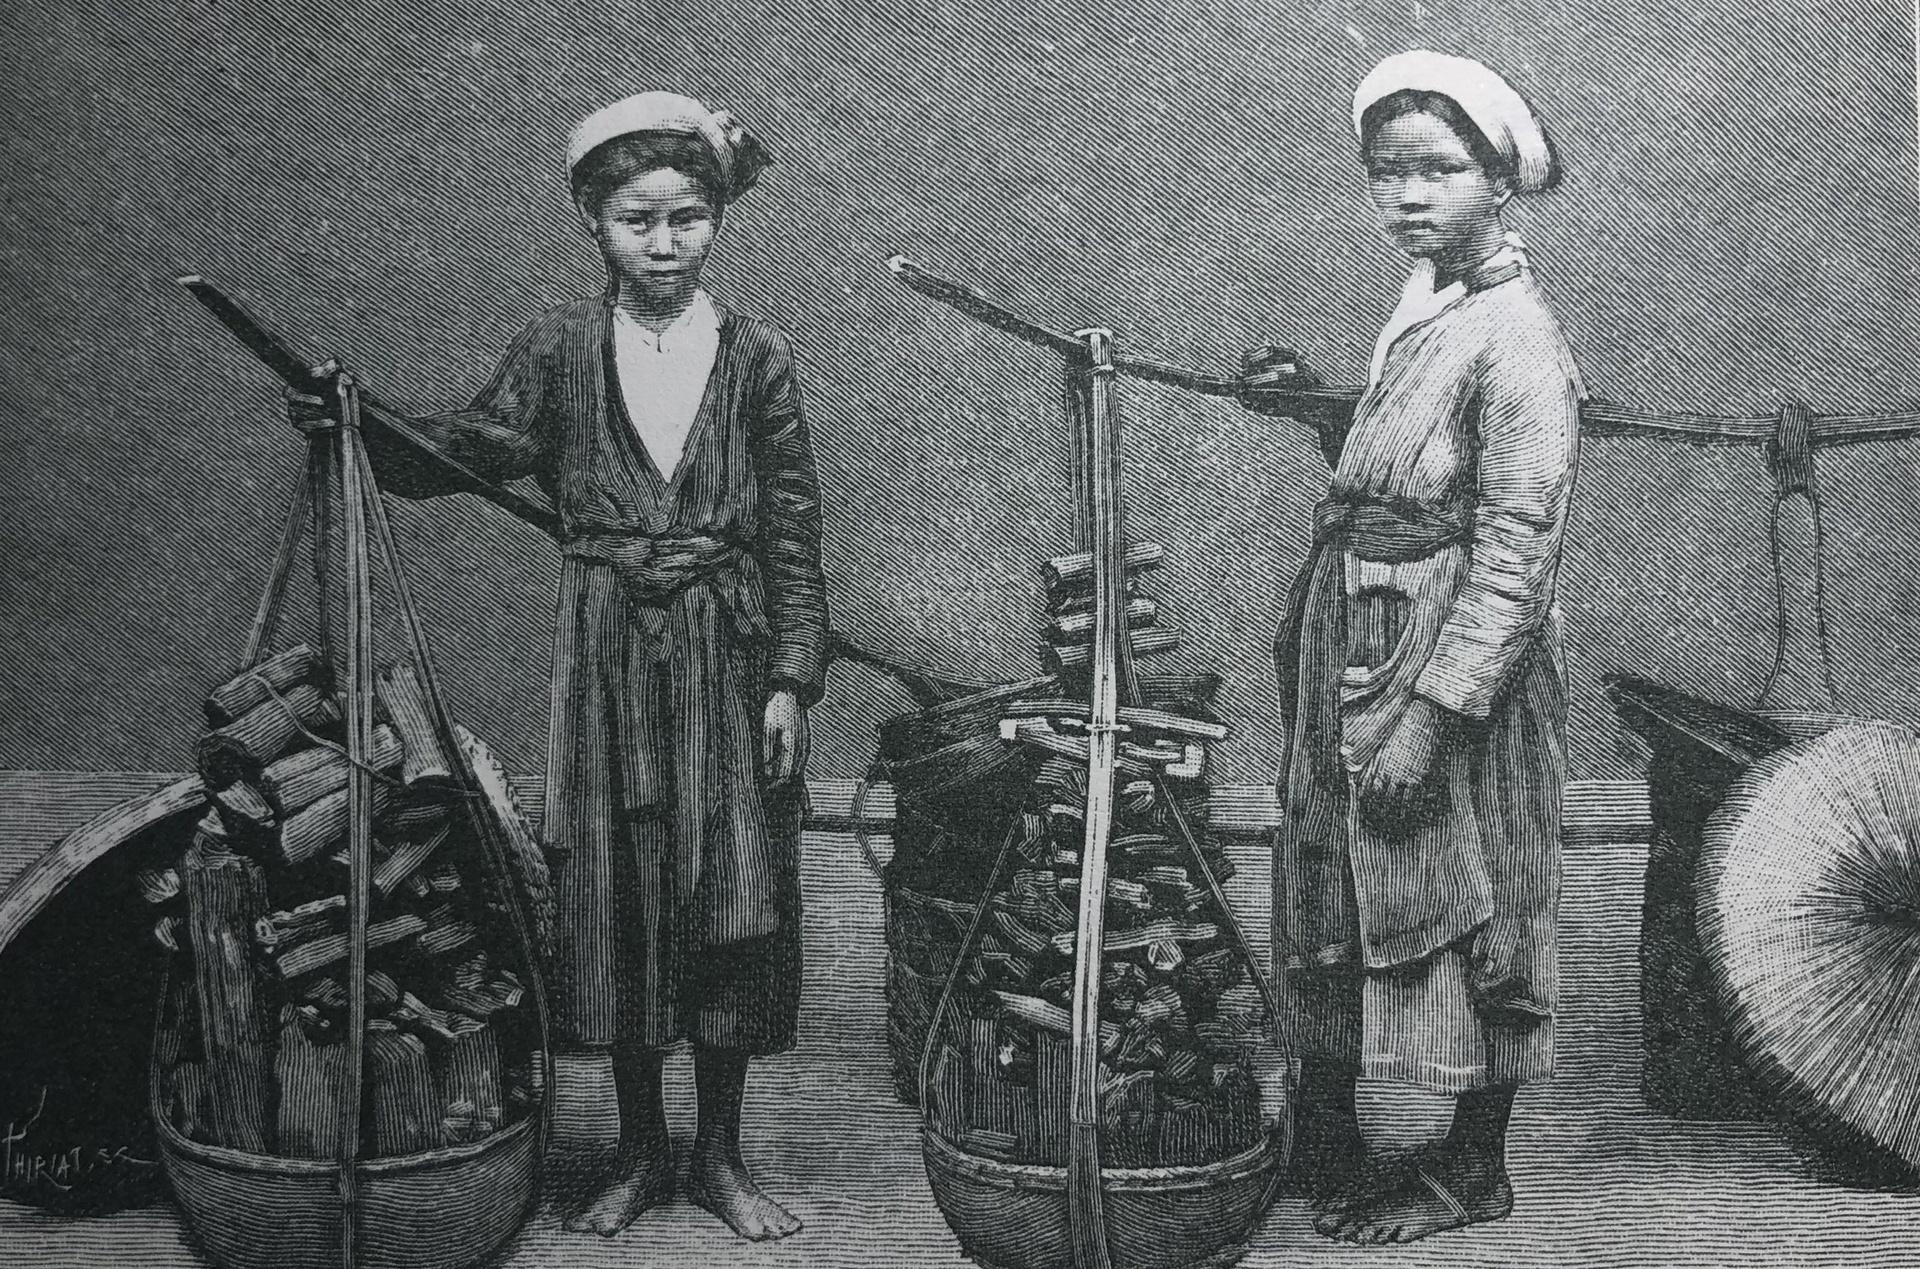 Chuyện về những cô bé bán than trên phố Hà Nội xưa